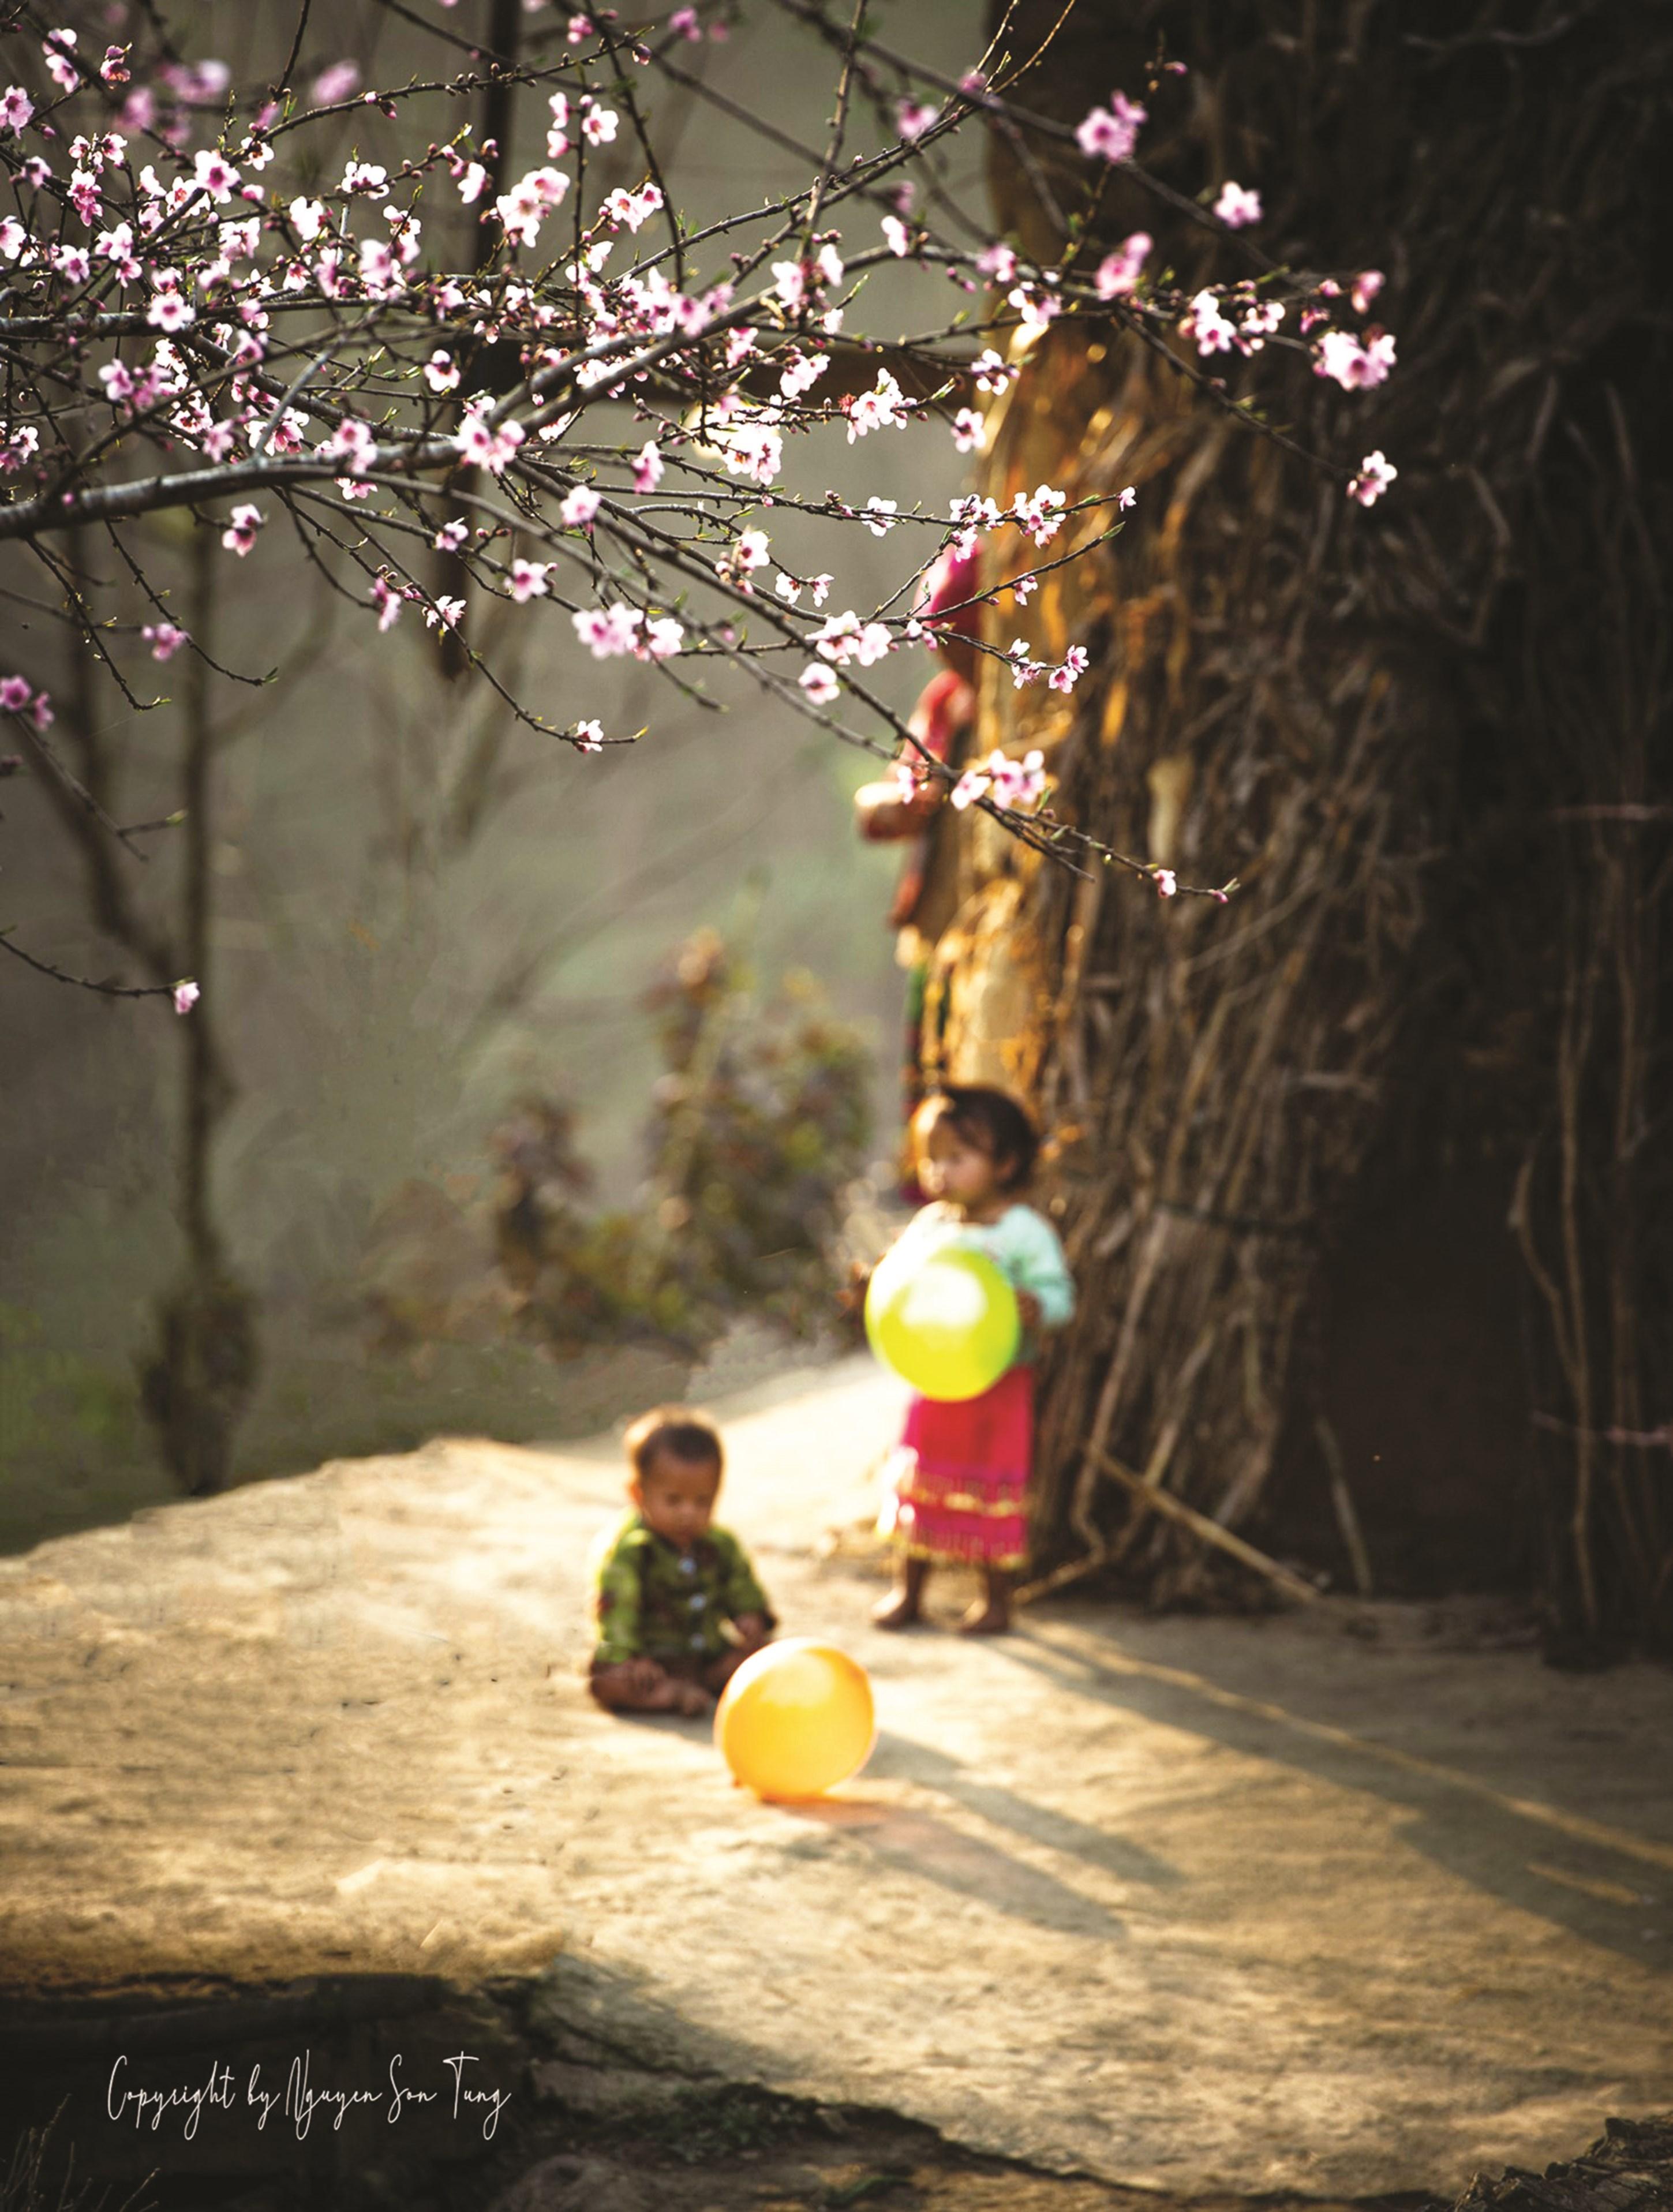 Khung cảnh mùa Xuân vùng cao dưới góc máy của nhiếp ảnh gia Nguyễn Sơn Tùng